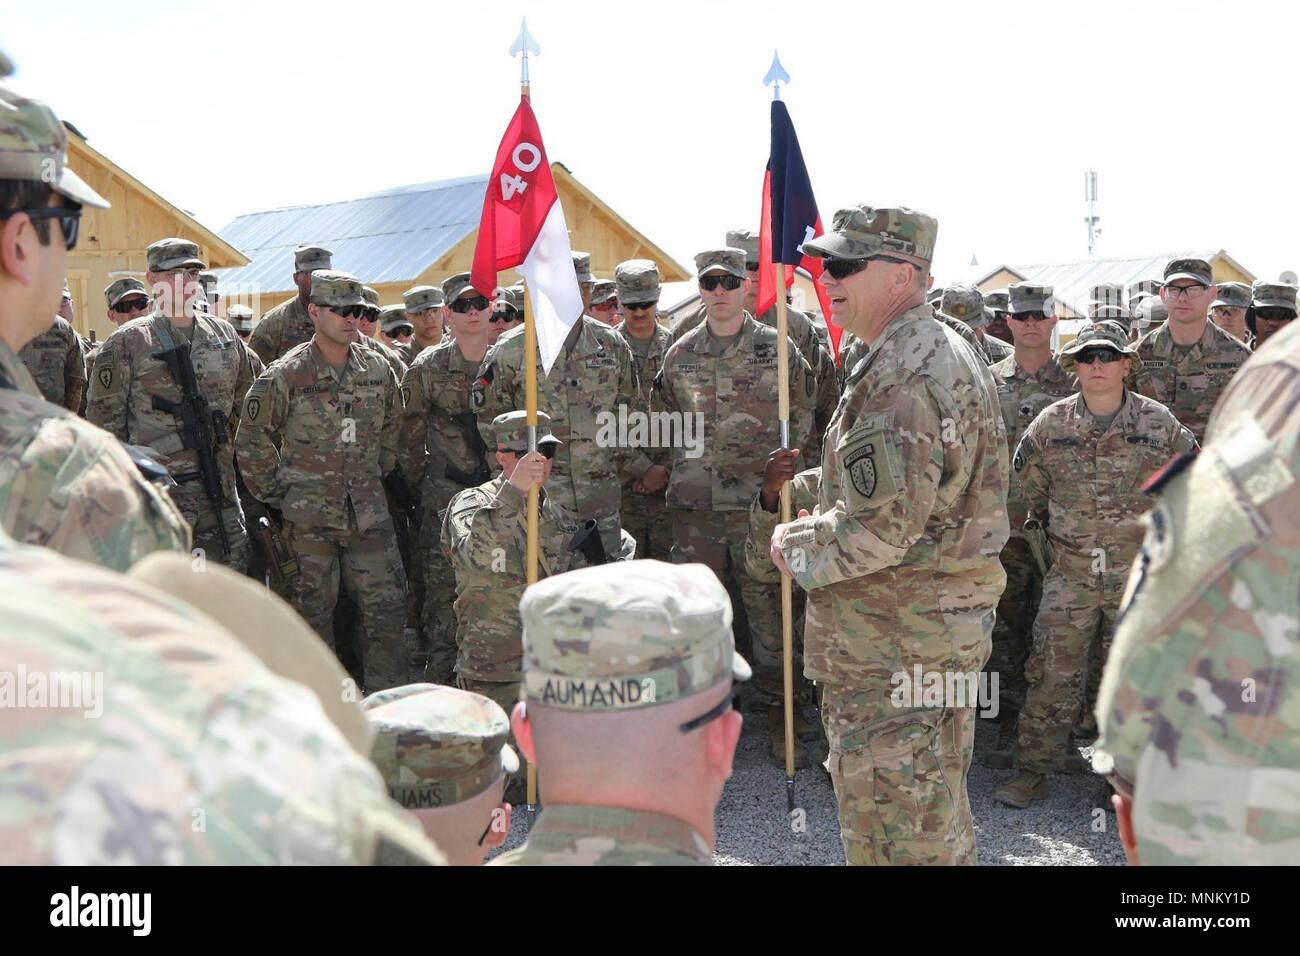 1 Forza di Sicurezza Assistenza Comando Vigili del sergente maggiore, Cmd. Sgt. Il Mag. Christopher Gunn, soldati gli indirizzi assegnati alla Task Force sud-est dopo il 1° SFAB uncasing della cerimonia su Advisor Platform fulmini, Marzo 15. Gunn ha ringraziato i soldati si sono riuniti per accogliere il 1° SFAB alla TF a sud-est del team di consulenza. Il 1° SFAB e i suoi sei battaglioni oggetto non avvolto i loro colori in Afghanistan, simbolicamente all inizio della loro missione in treno, consigliare e assistere la nazionale afghano di difesa delle forze di sicurezza. Immagini Stock